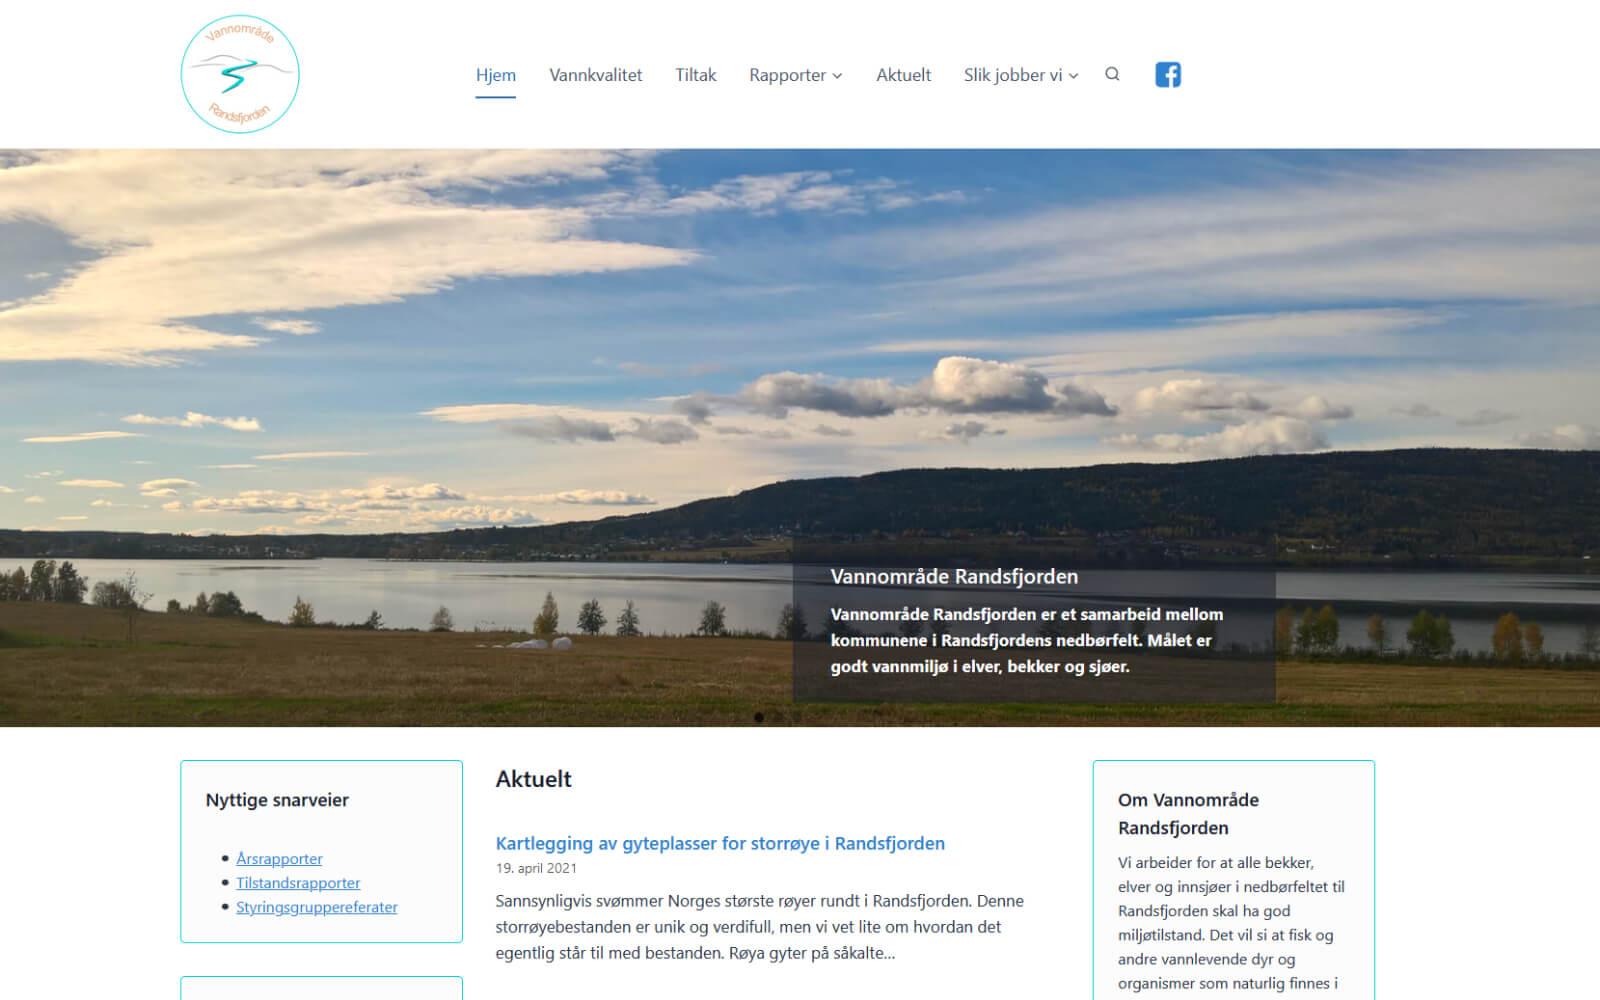 Vannområdet Randsfjorden